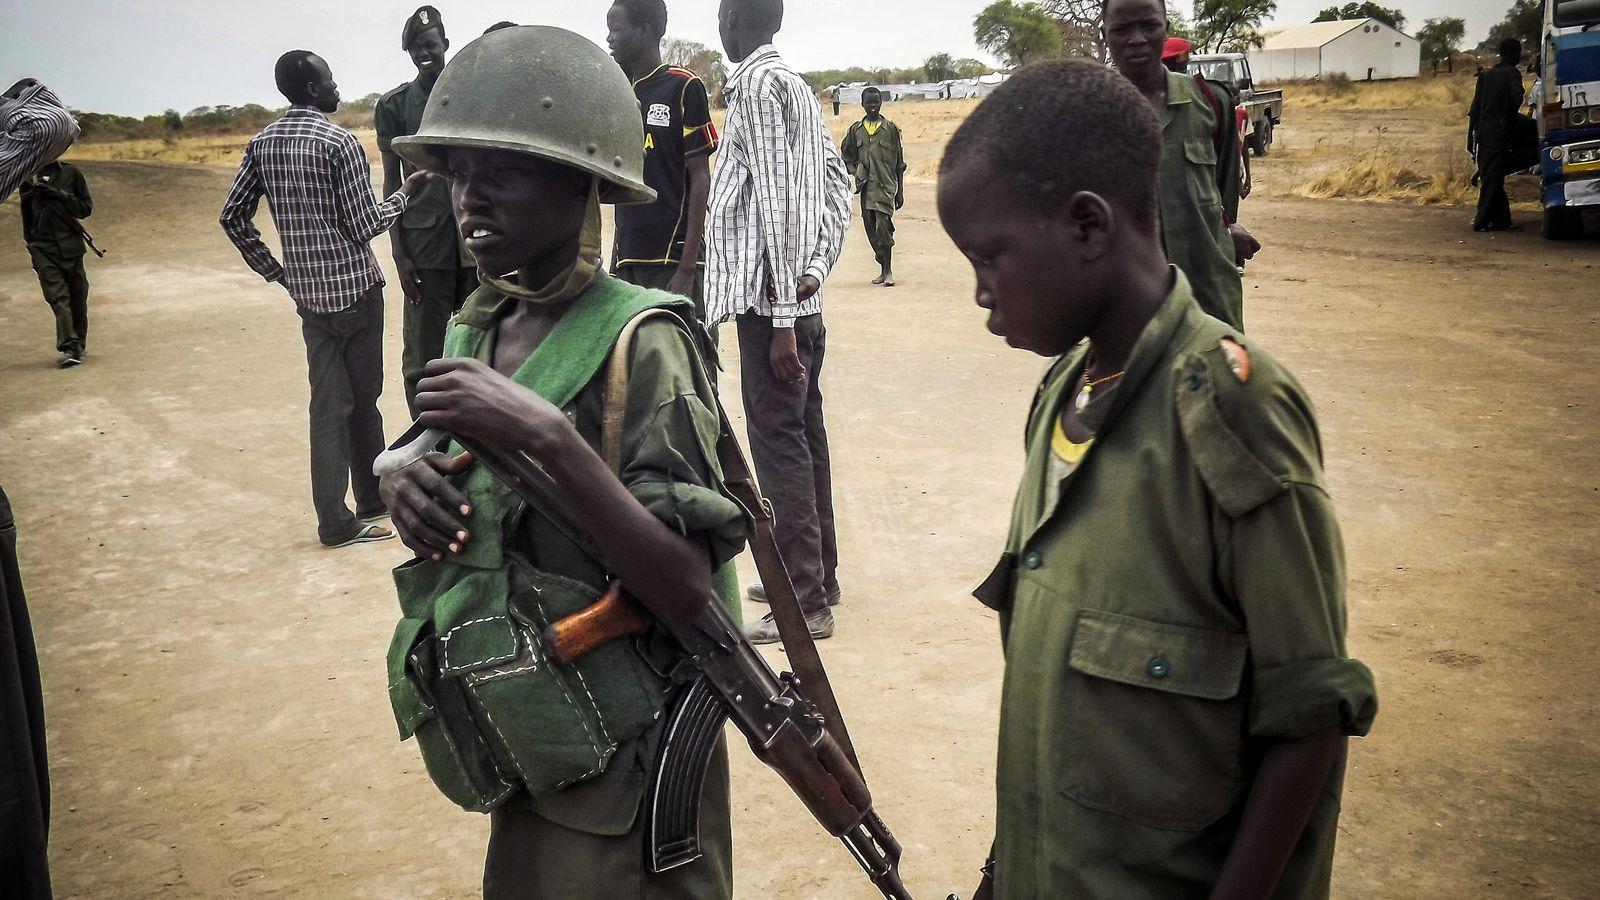 Güney Sudan Gaylere Ölüm Cezası Vermek Şartıyla! Çocuk Asker 'Kullanmayabilir'